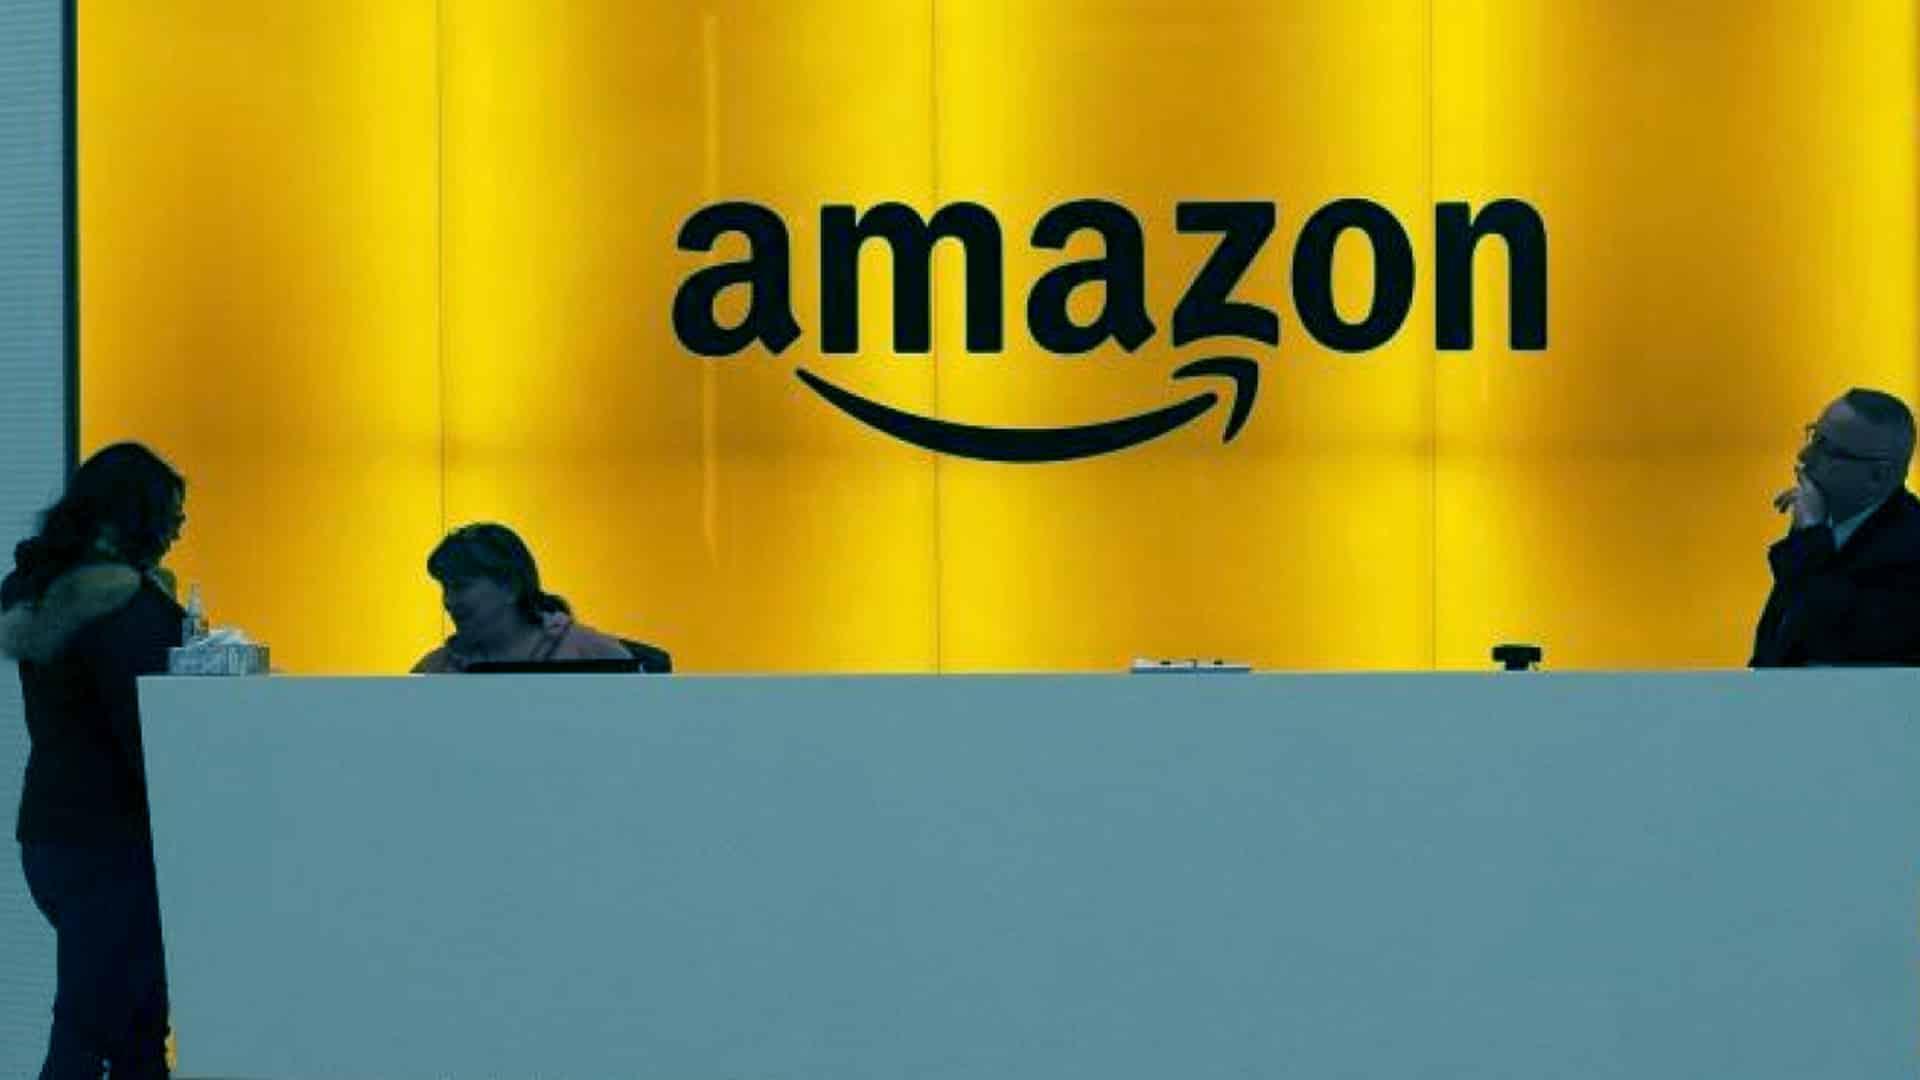 Amazon Perpule